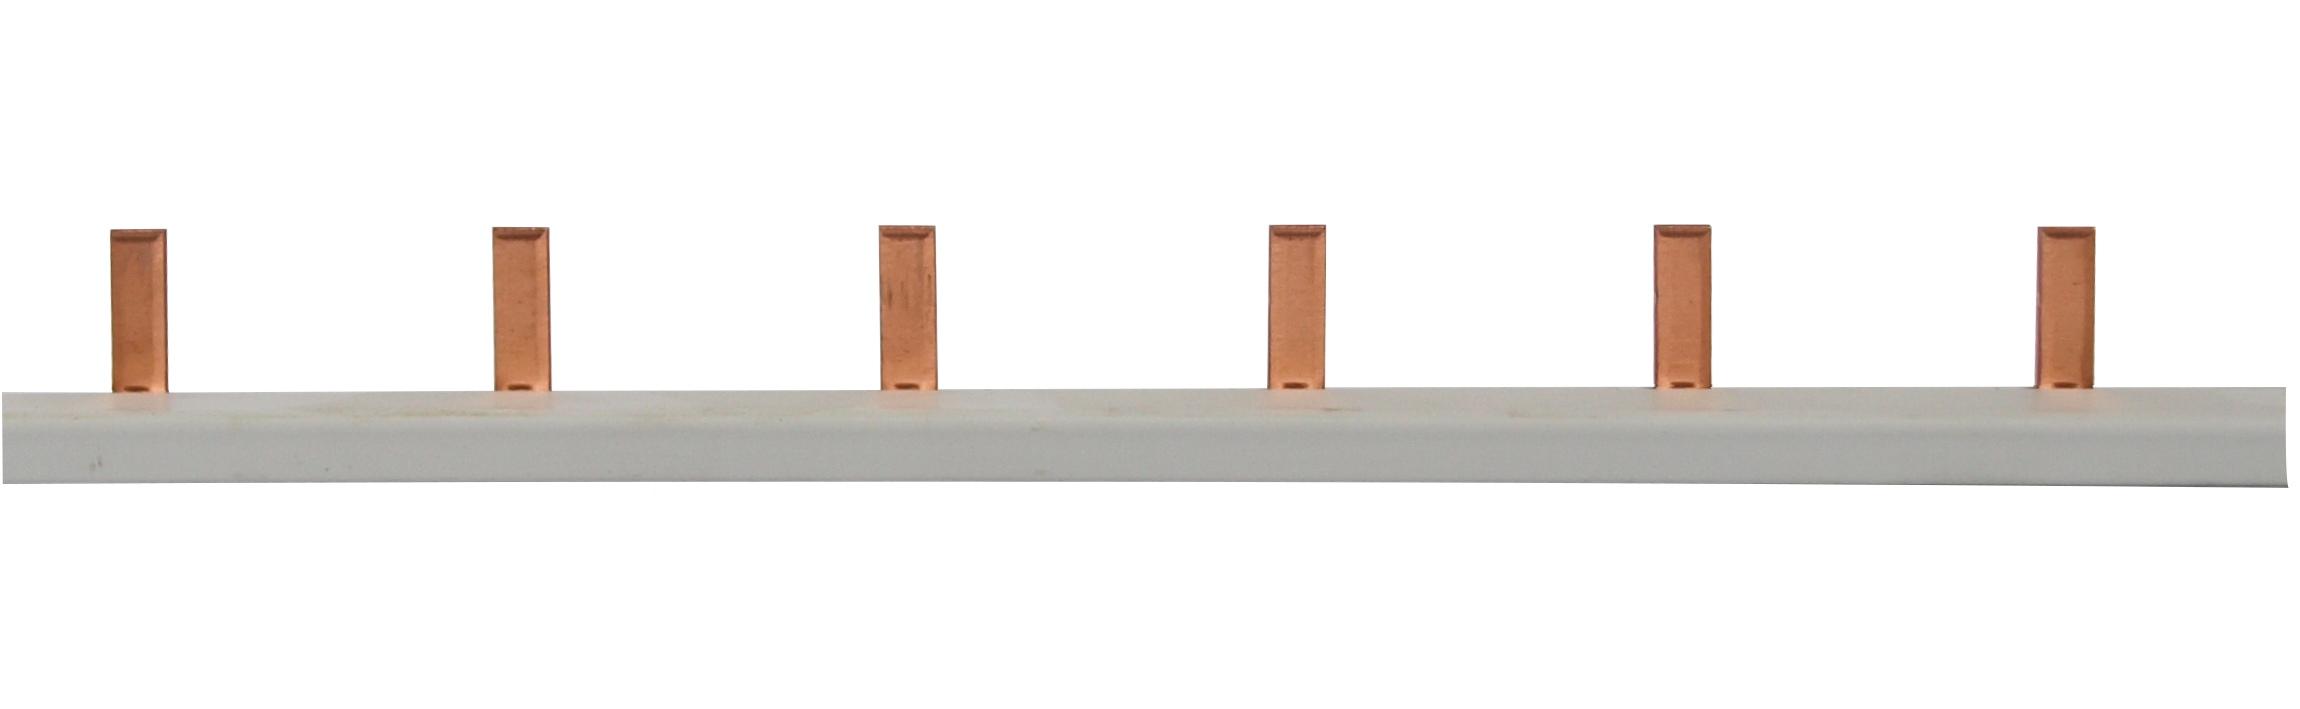 1 Stk Stiftverschienung 1-polig, 16mm² / TE=27mm für Neozed, 1m BS900133--